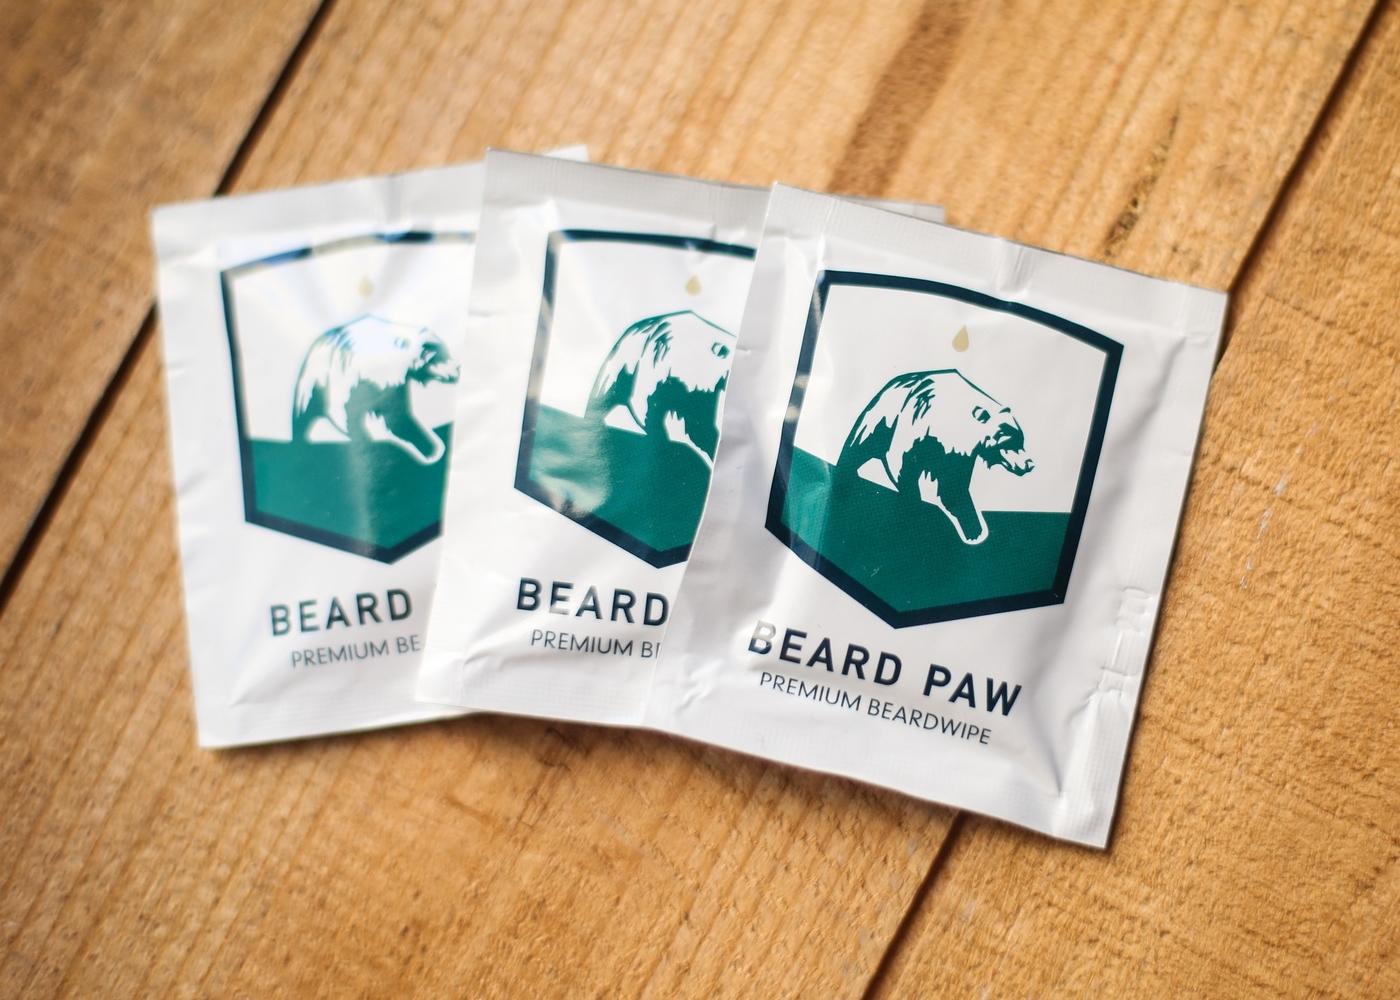 150222 Yang_Beard Paw-3.jpg